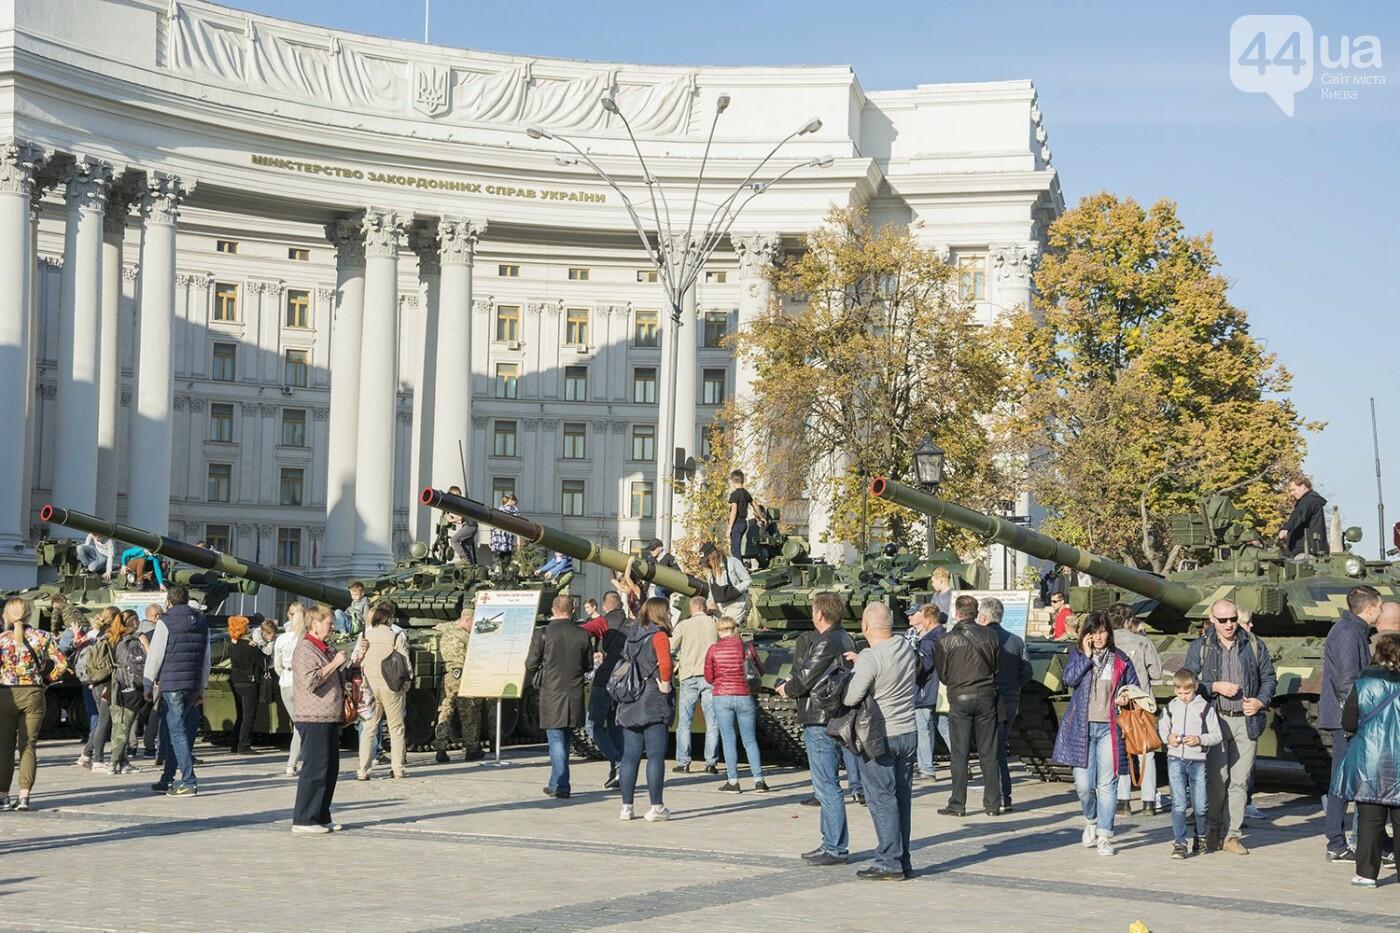 В Киеве открылась масштабная выставка военной техники – ФОТОРЕПОРТАЖ, фото-32